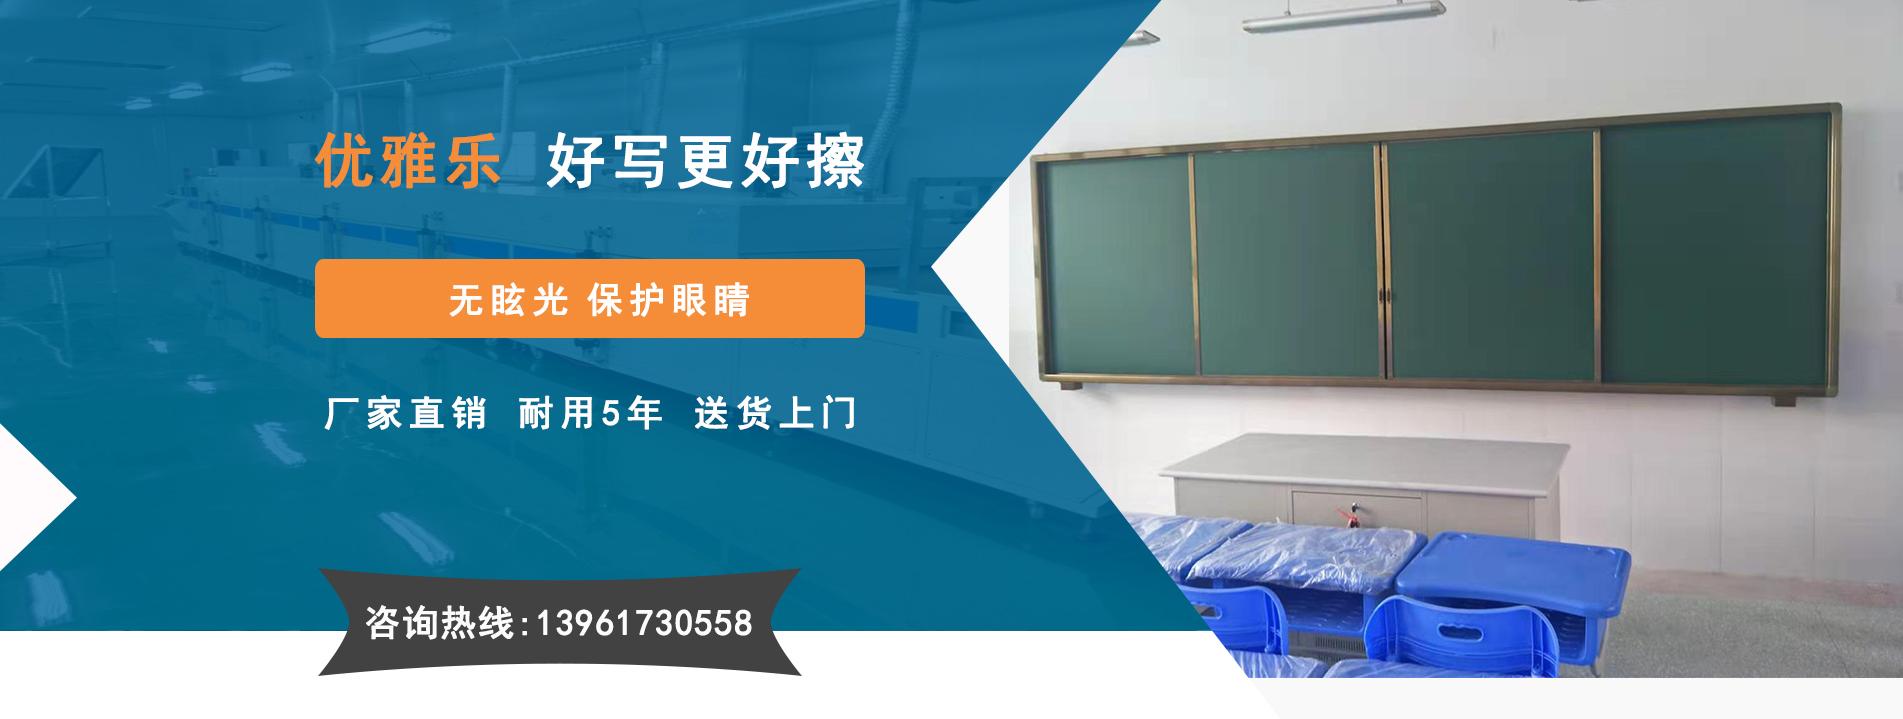 教室黑板,教学白板,玻璃白板,管理看板-研发制造商